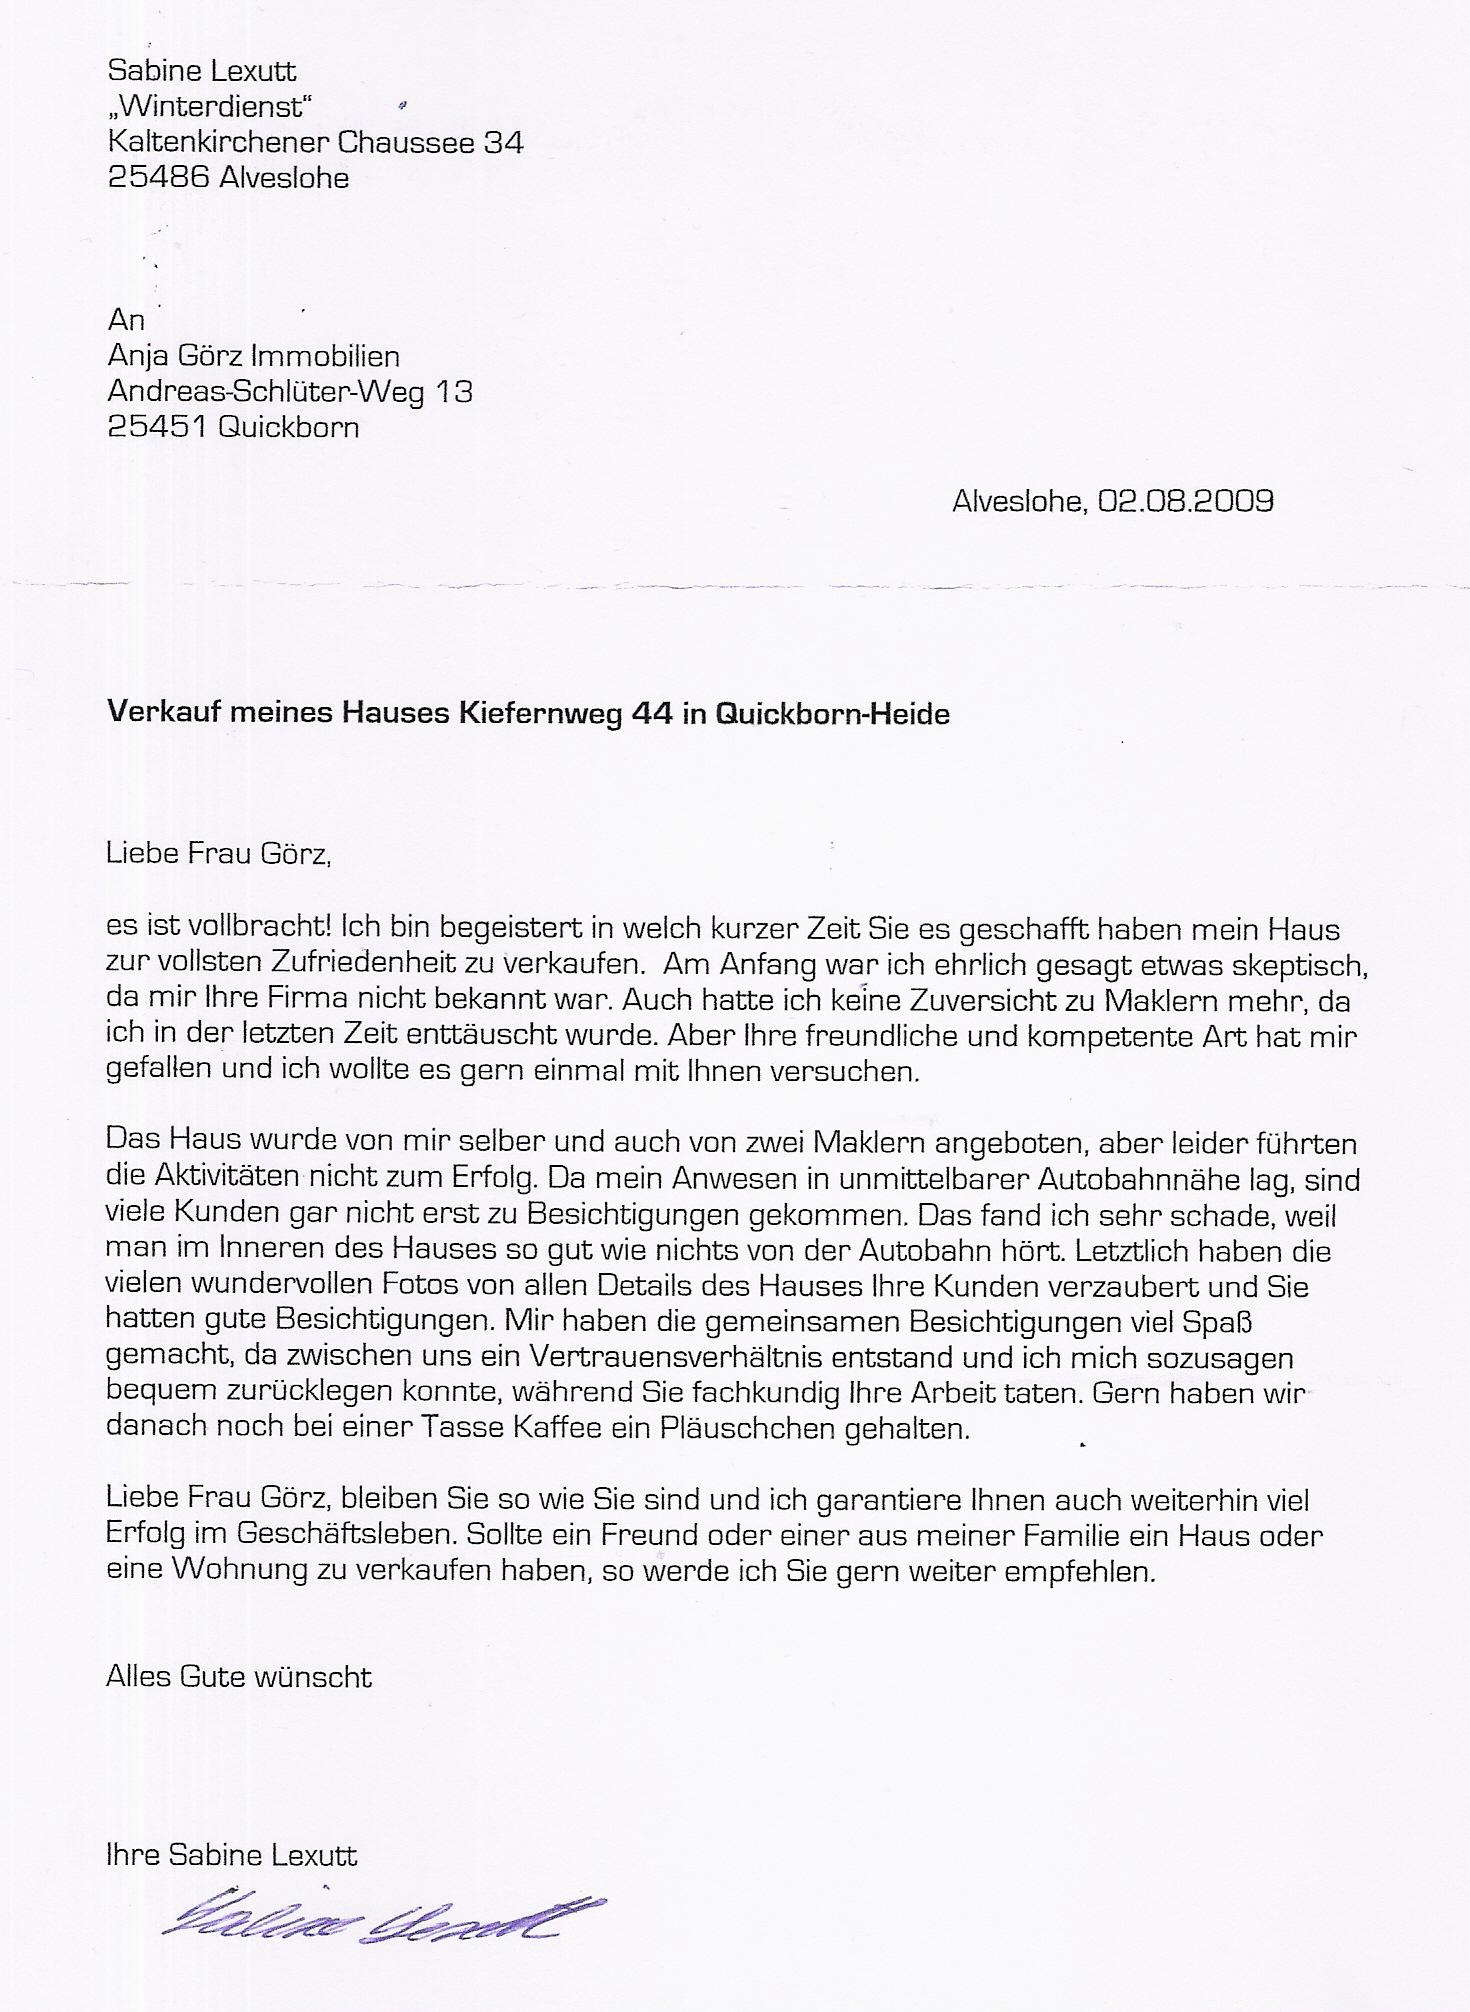 Beautiful Empfehlungsschreiben Für Einen Freund Gallery ...